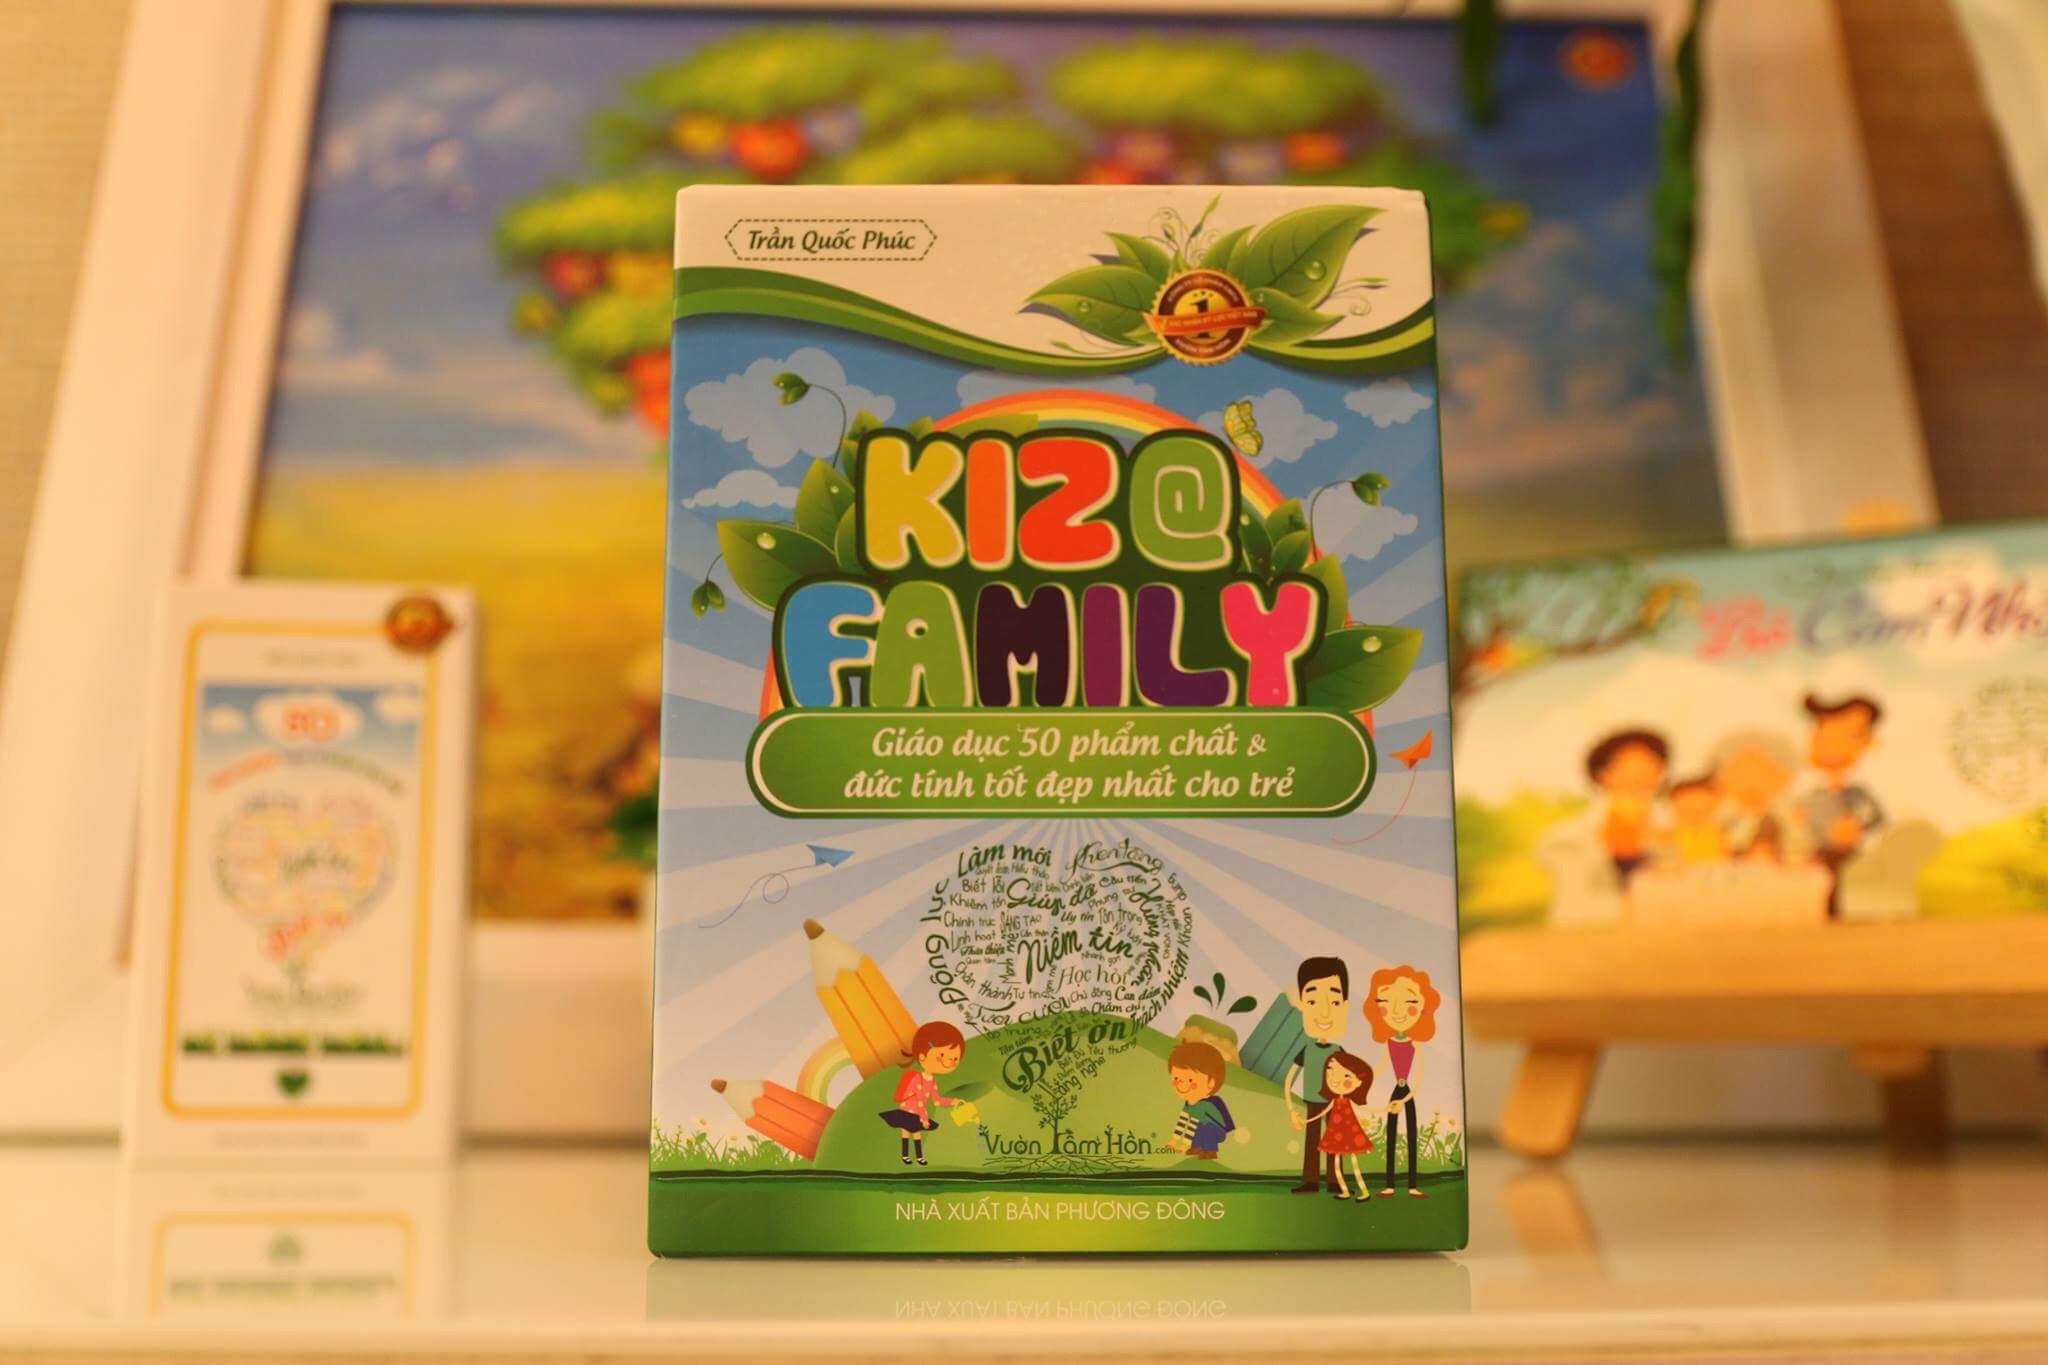 Vườn Tâm Hồn - Bộ thẻ song ngữ Kiz@family mầm non